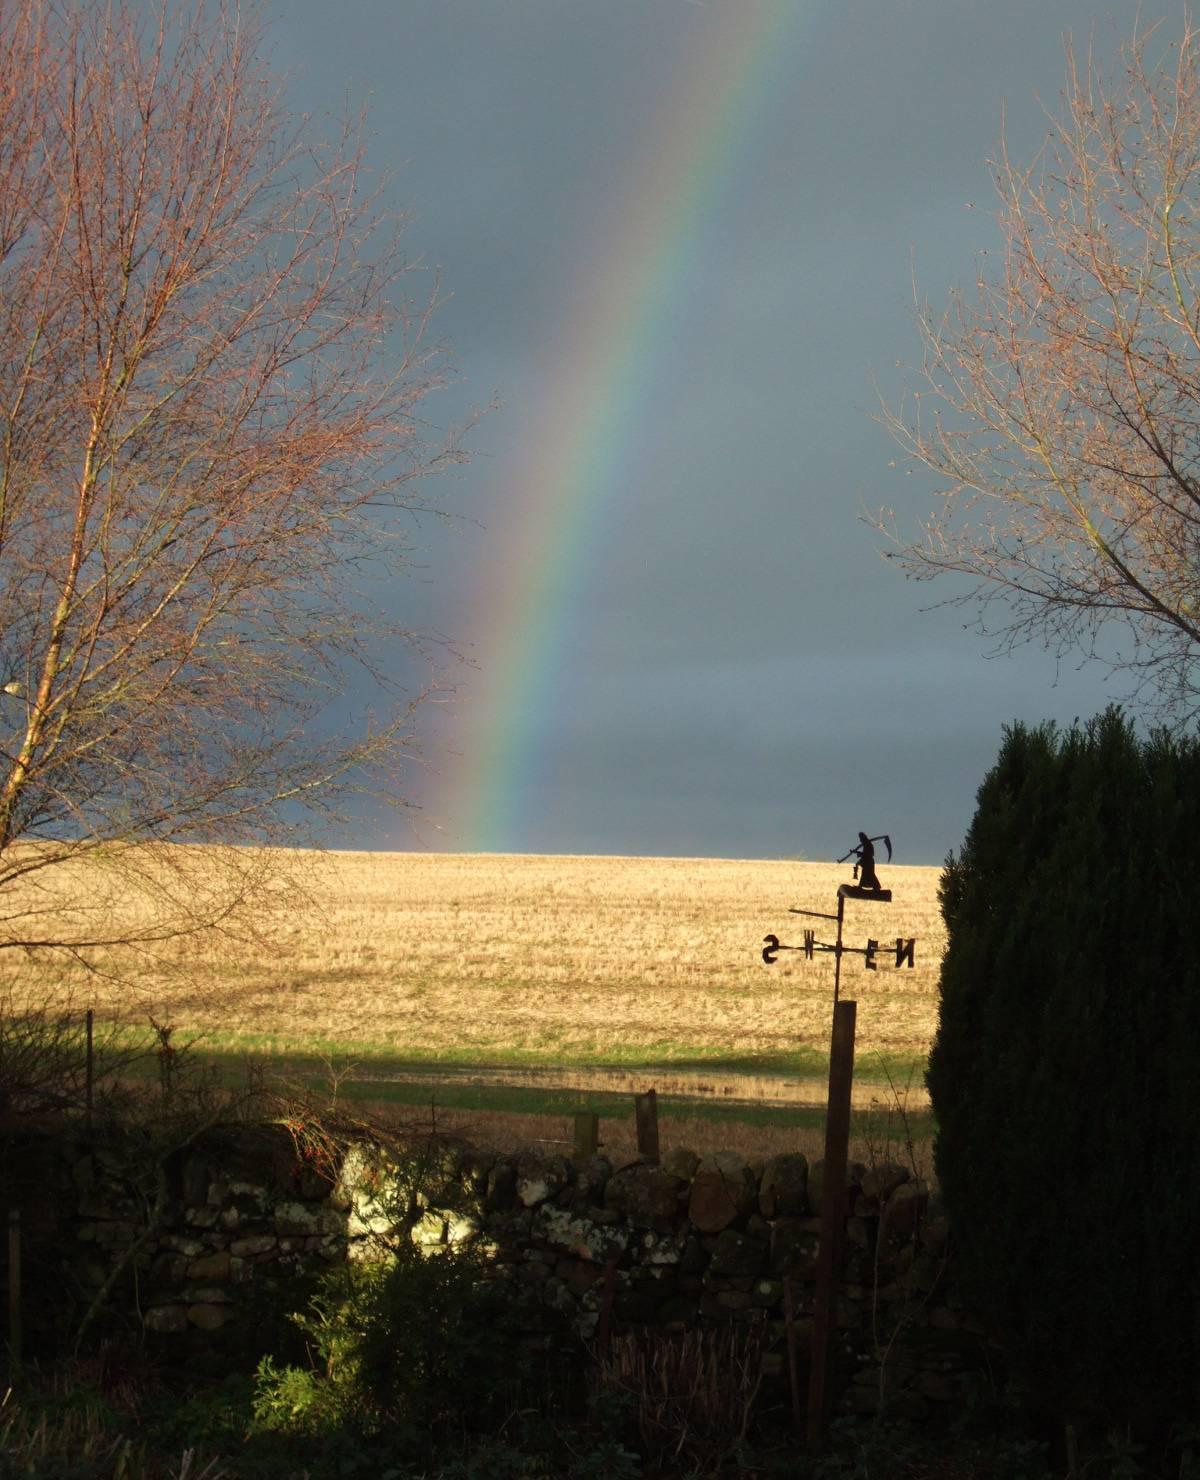 [The+rainbow]